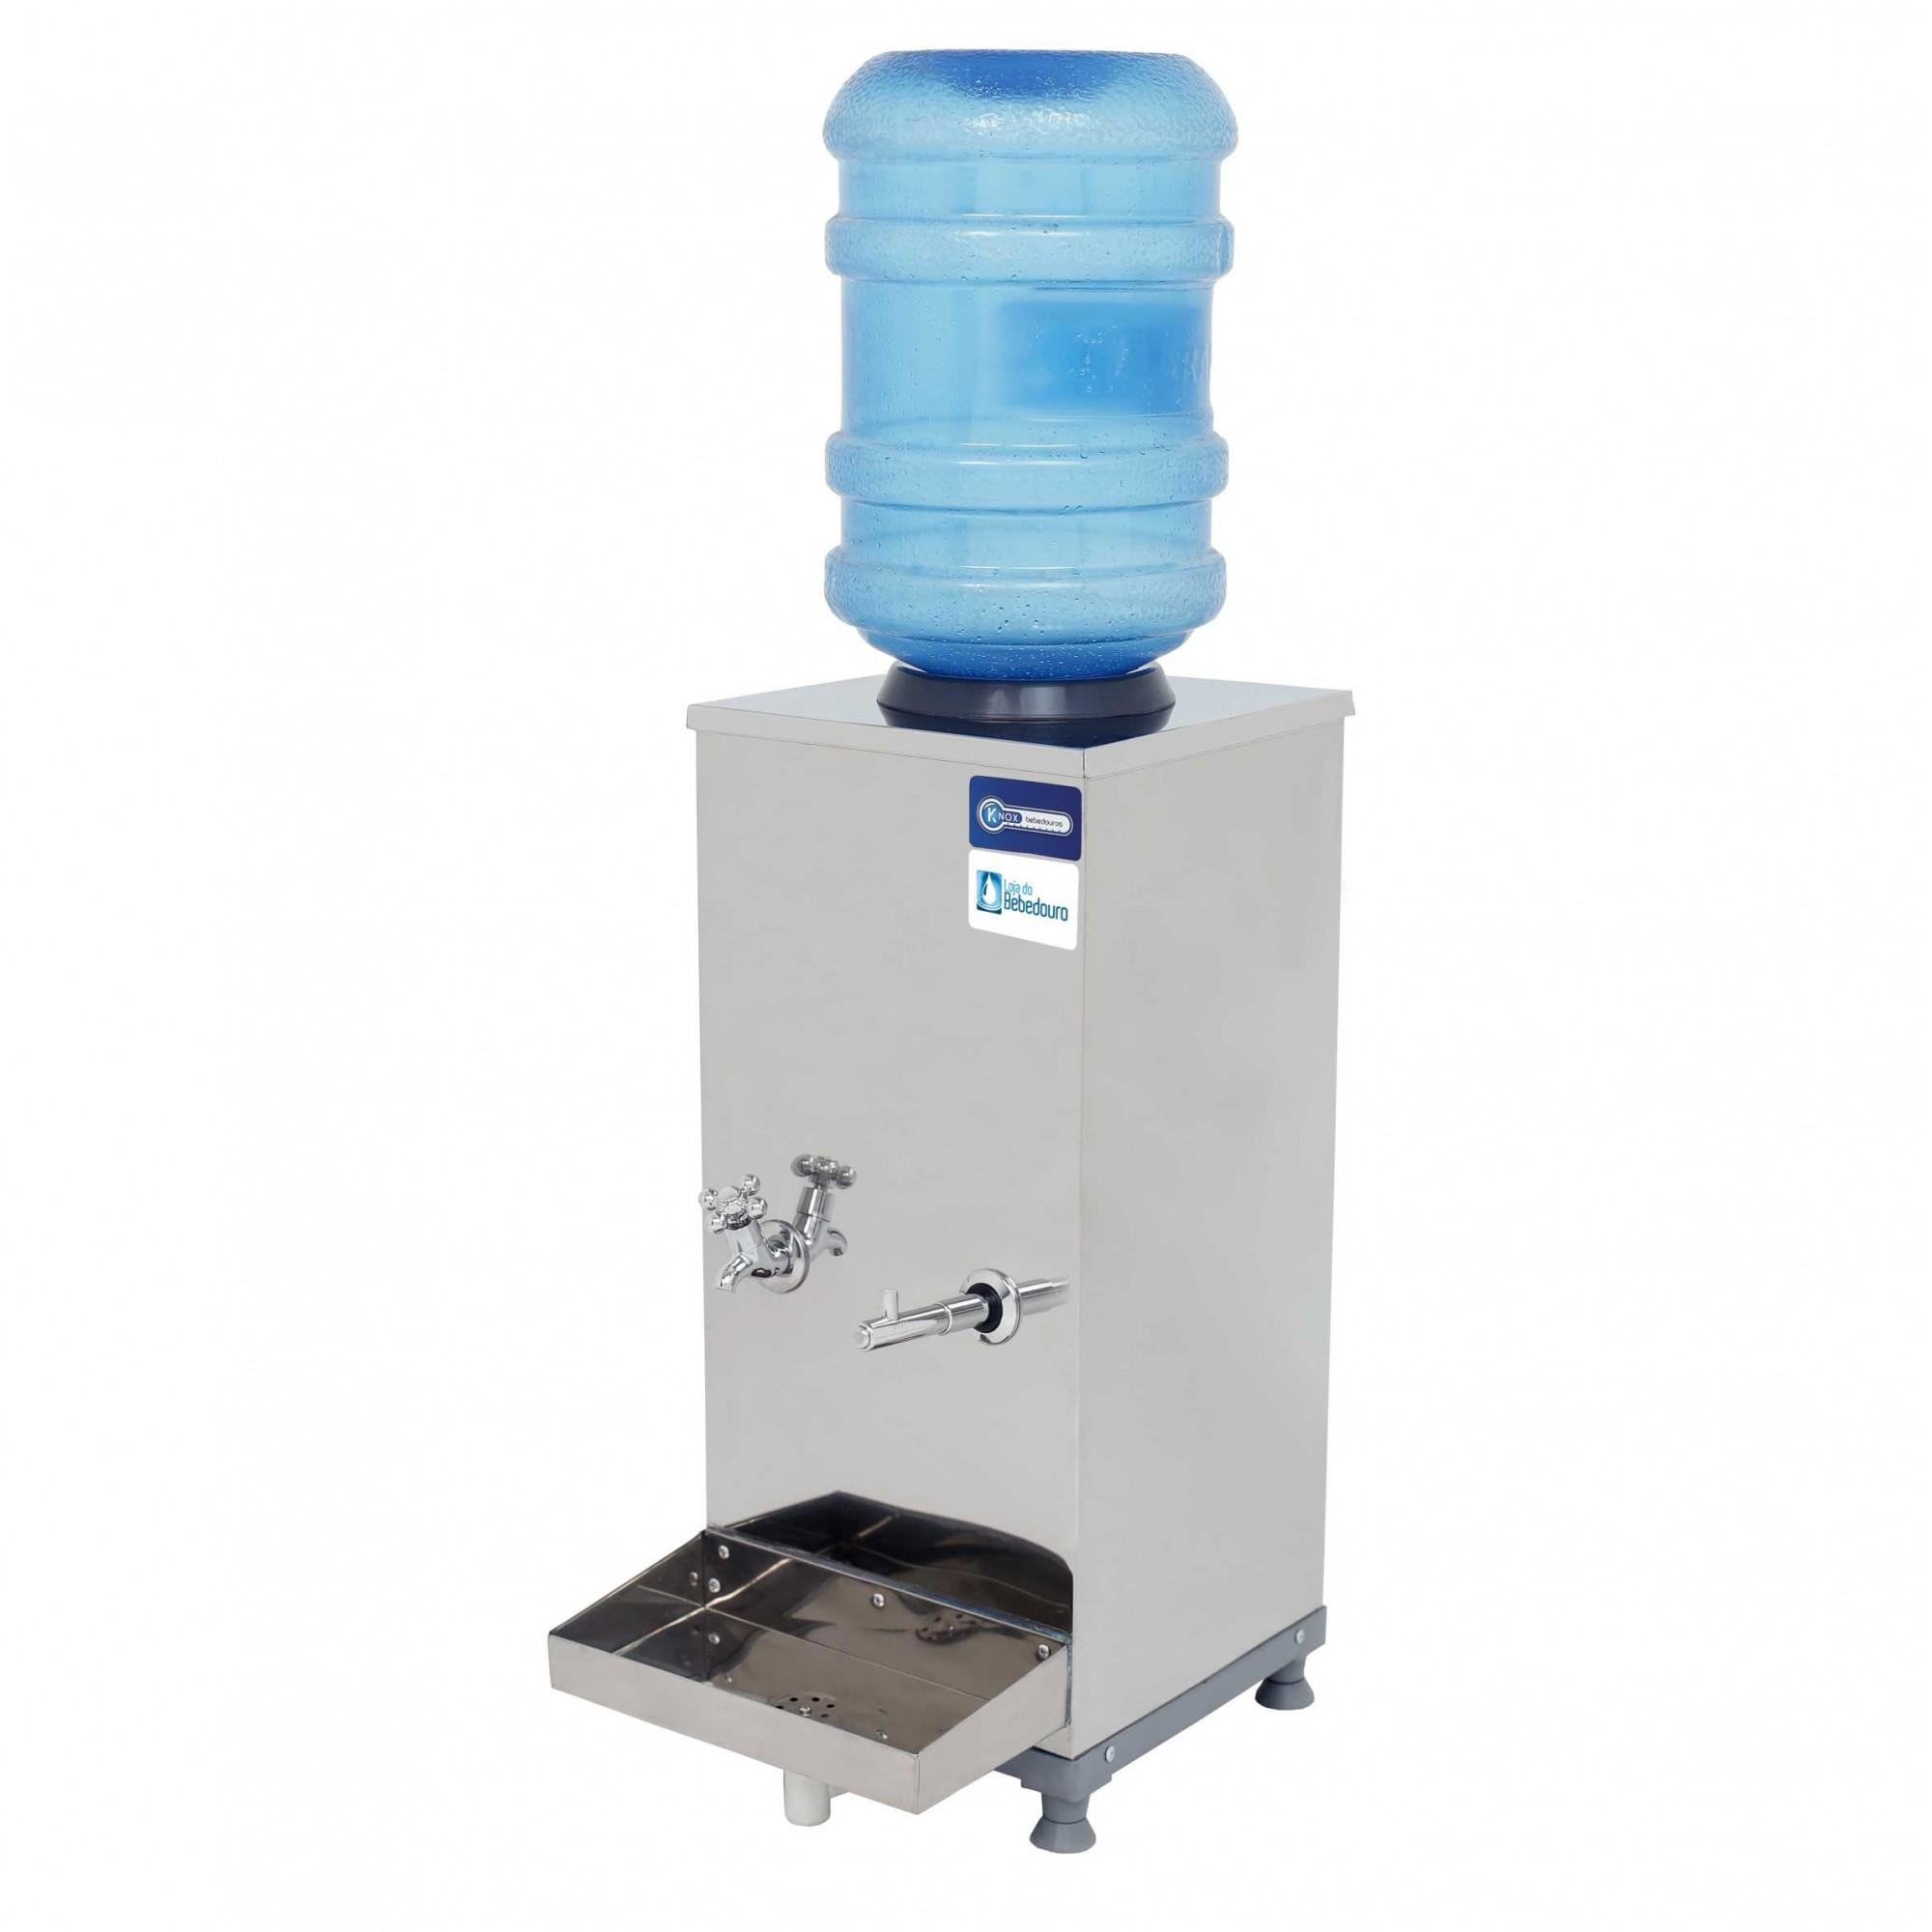 Bebedouro de Água Industrial Bancada 25 Litros Galão Knox Bebedouros